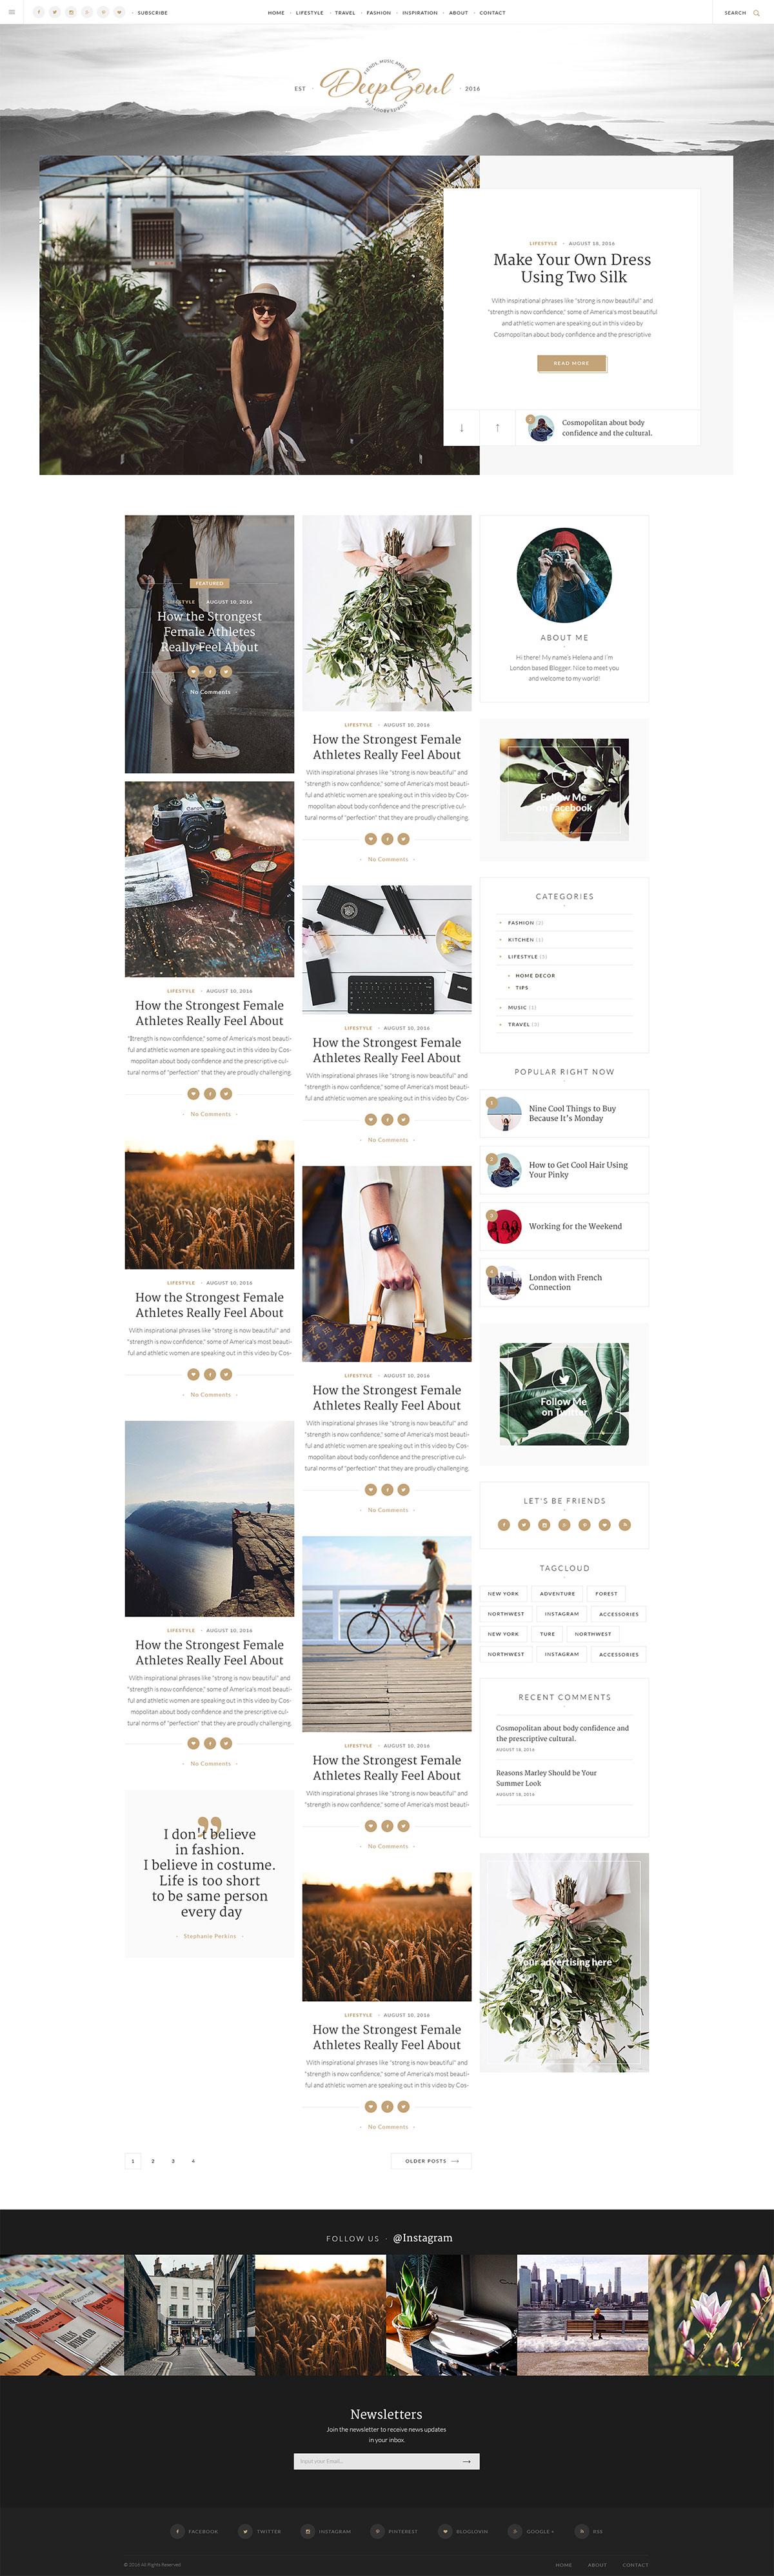 如何才能提升旅行类博客的阅读体验?